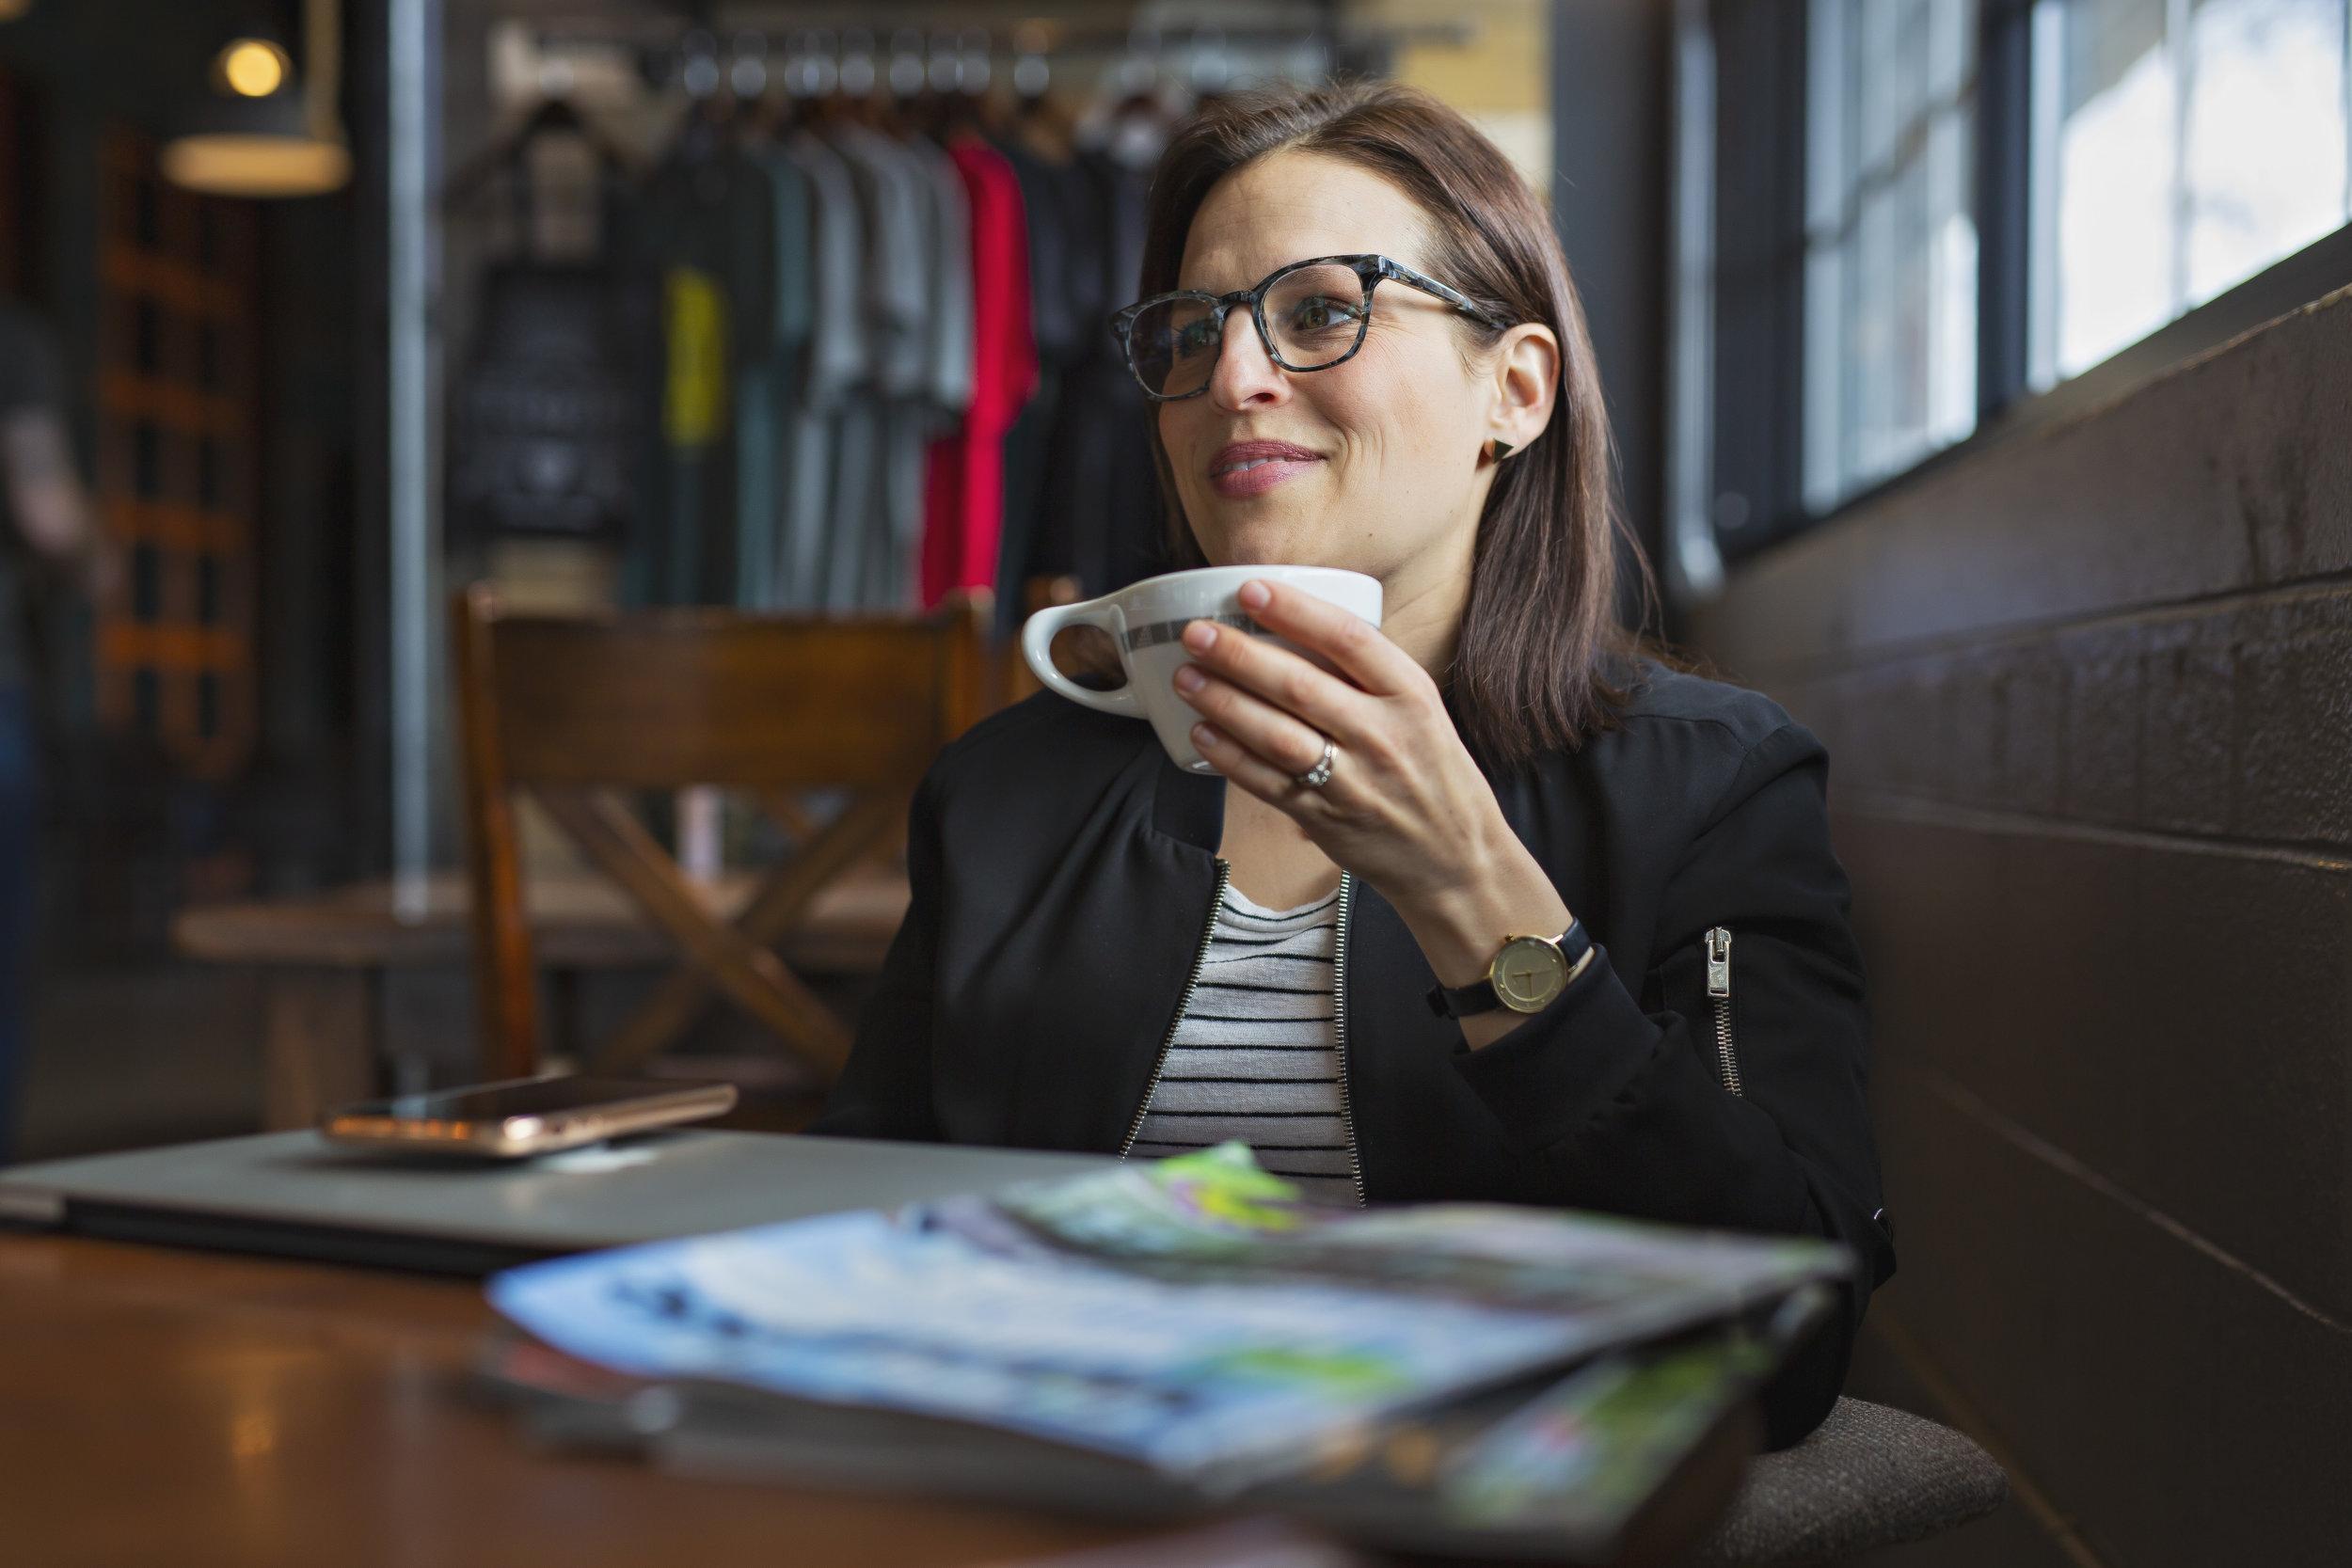 Jenna Kashou, Milwaukee writer and author